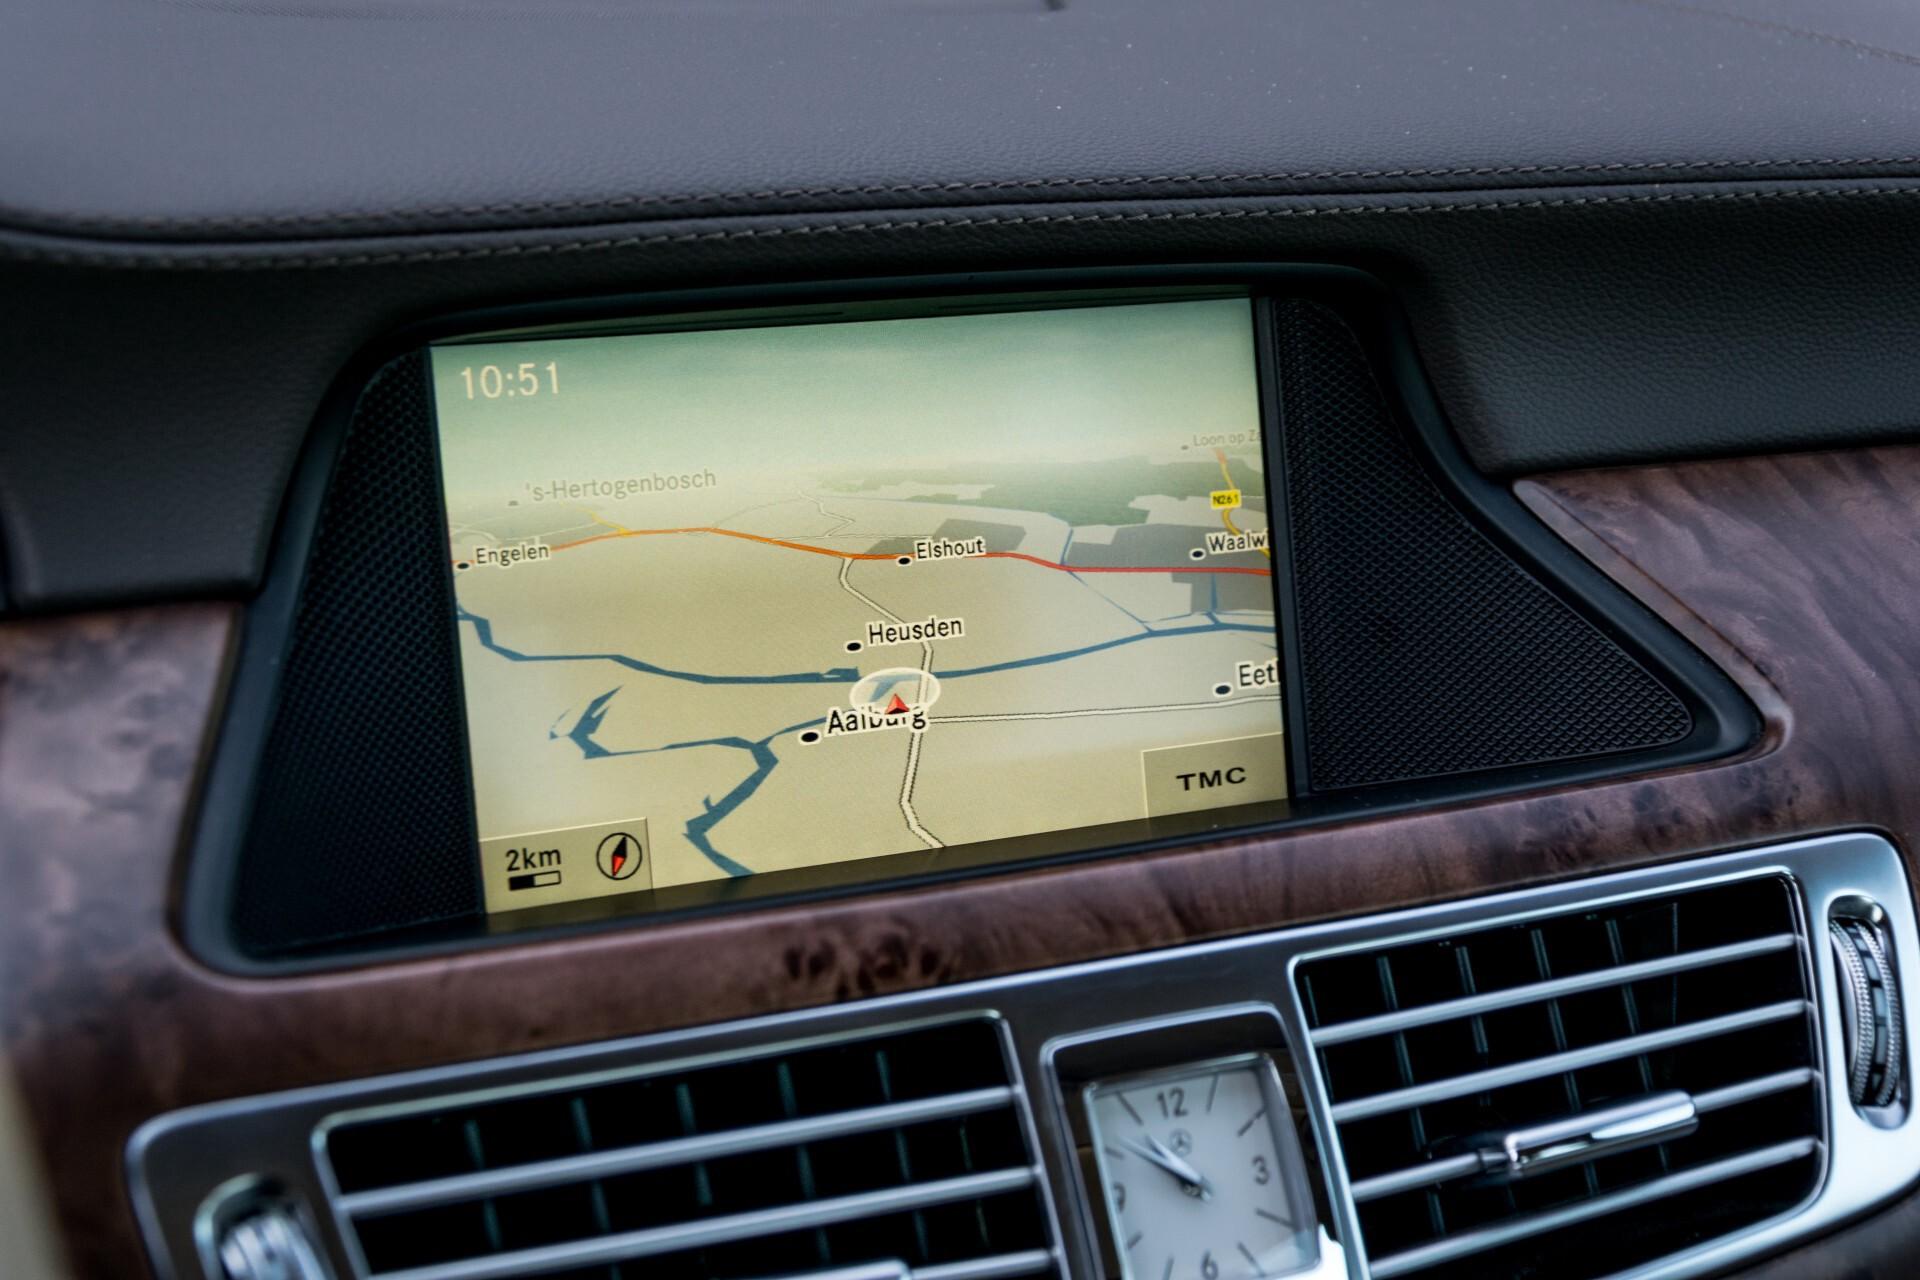 Mercedes-Benz CLS-Klasse 350 Cdi Luchtvering/Distronic/Nachtzicht/AMG/Comand/ILS Aut7 Foto 23